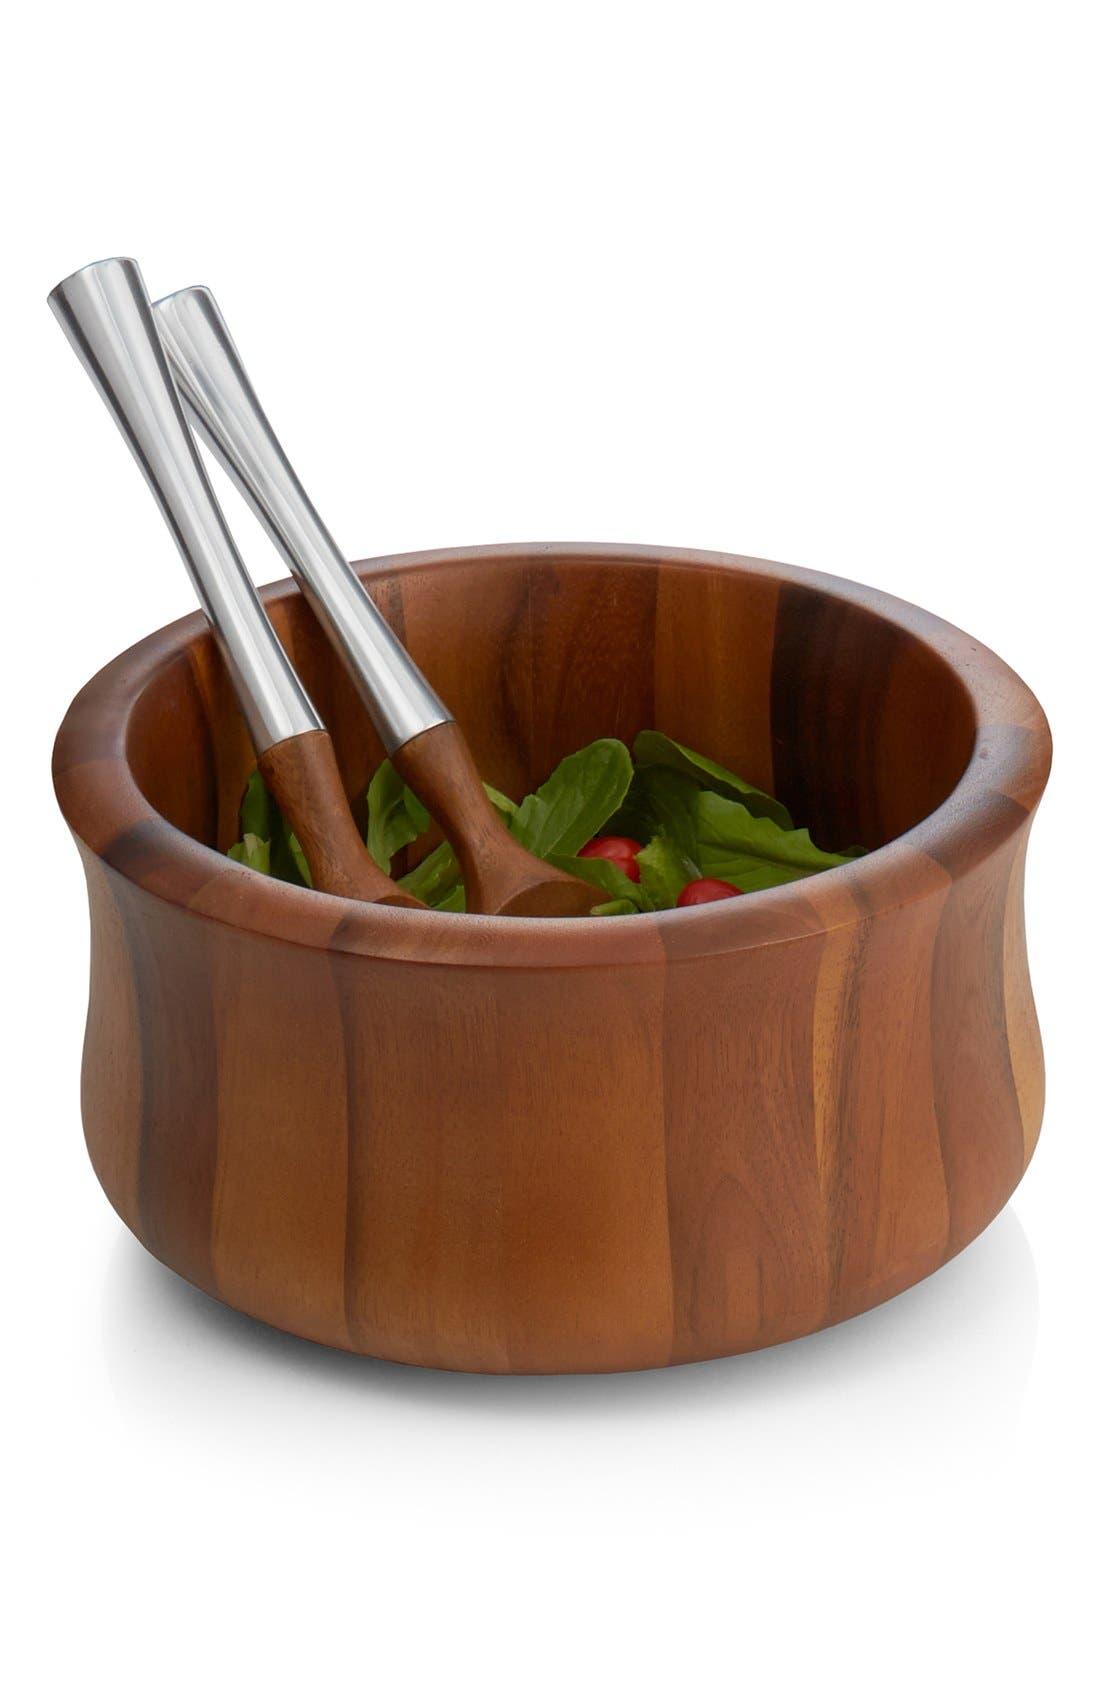 Main Image - Nambé 'Nara' Wood Salad Bowl & Servers